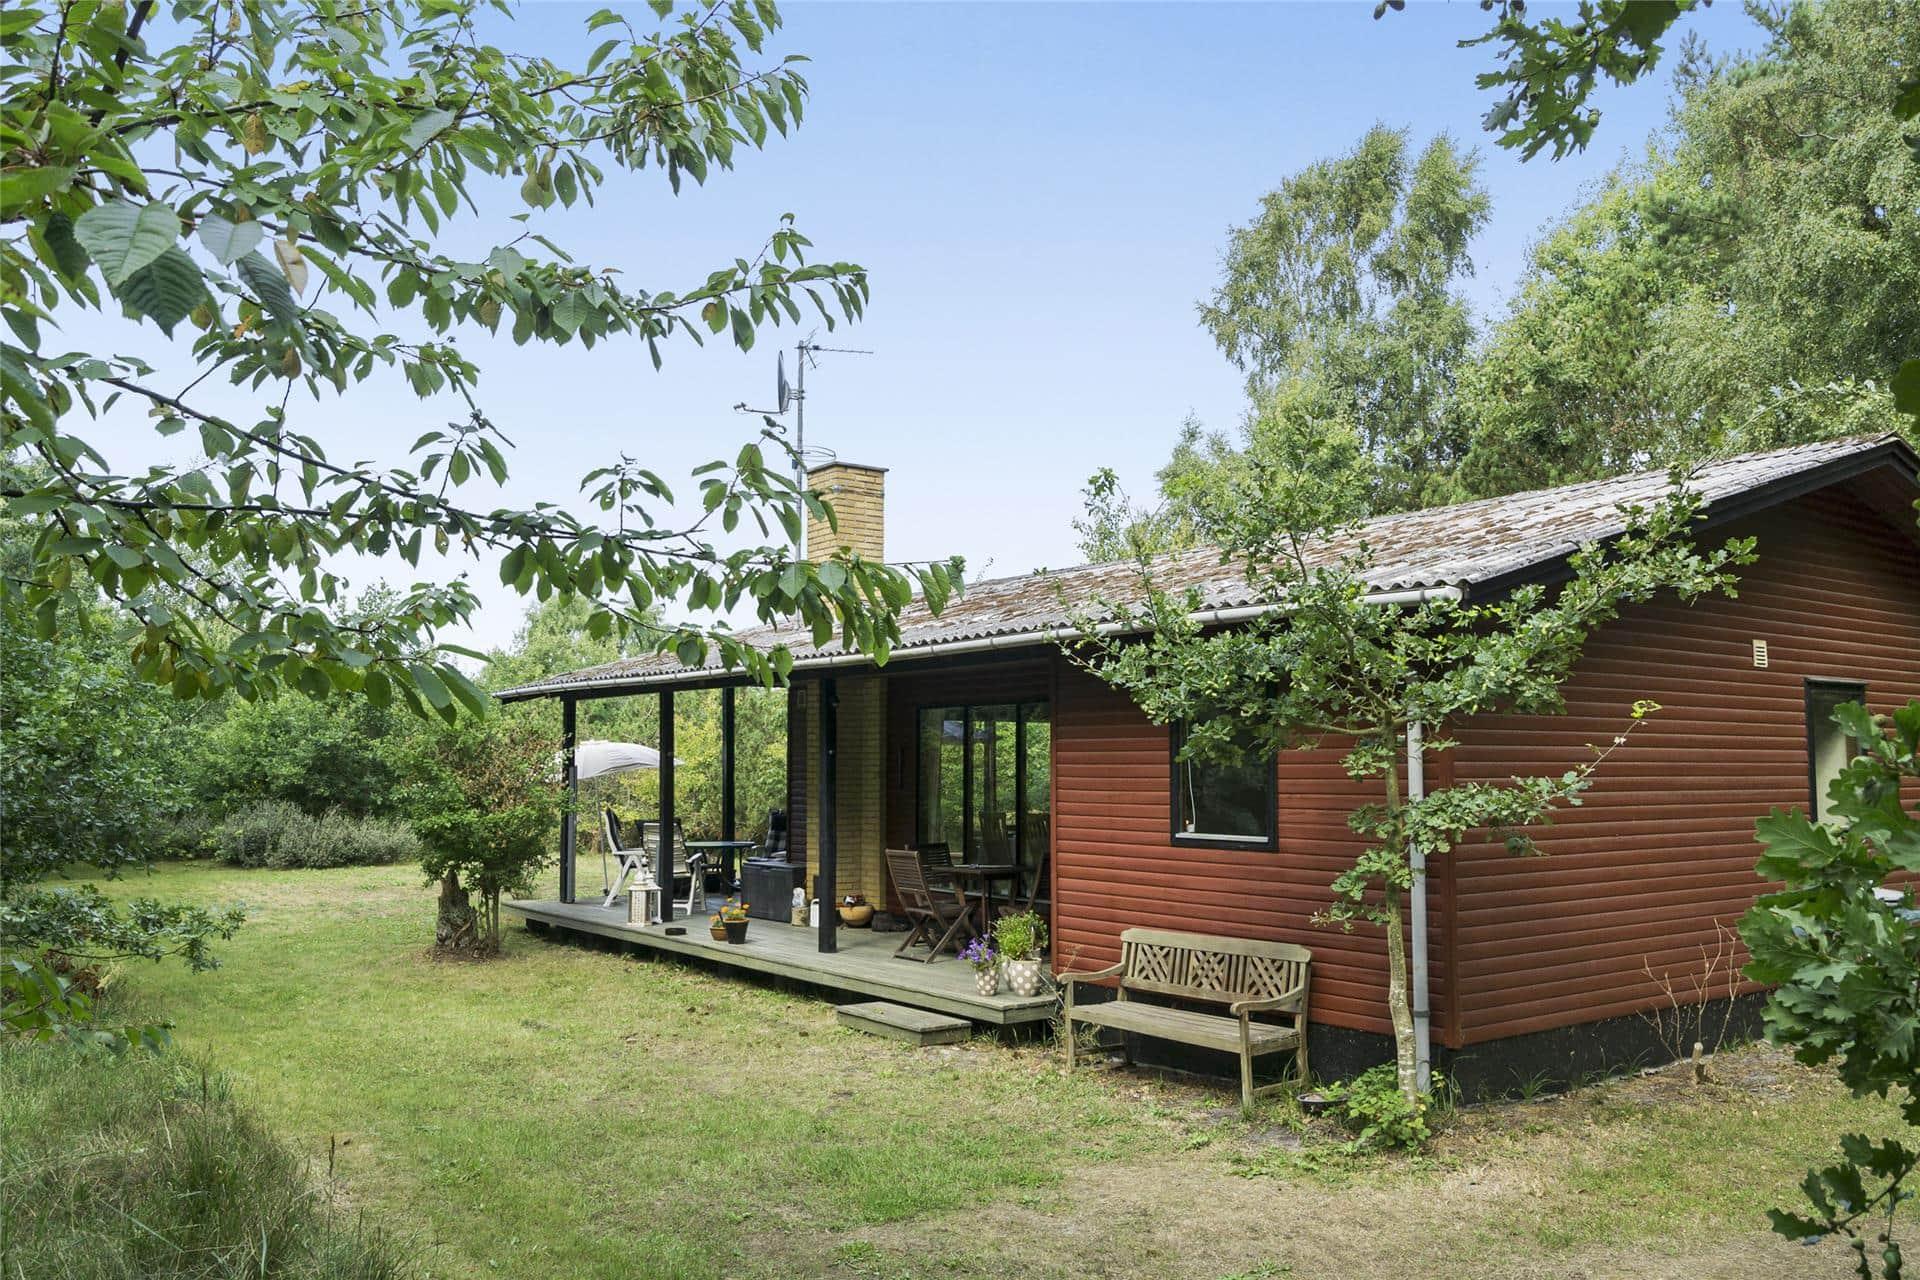 Billede 1-10 Sommerhus 1410, Strandløkken 3, DK - 3720 Aakirkeby